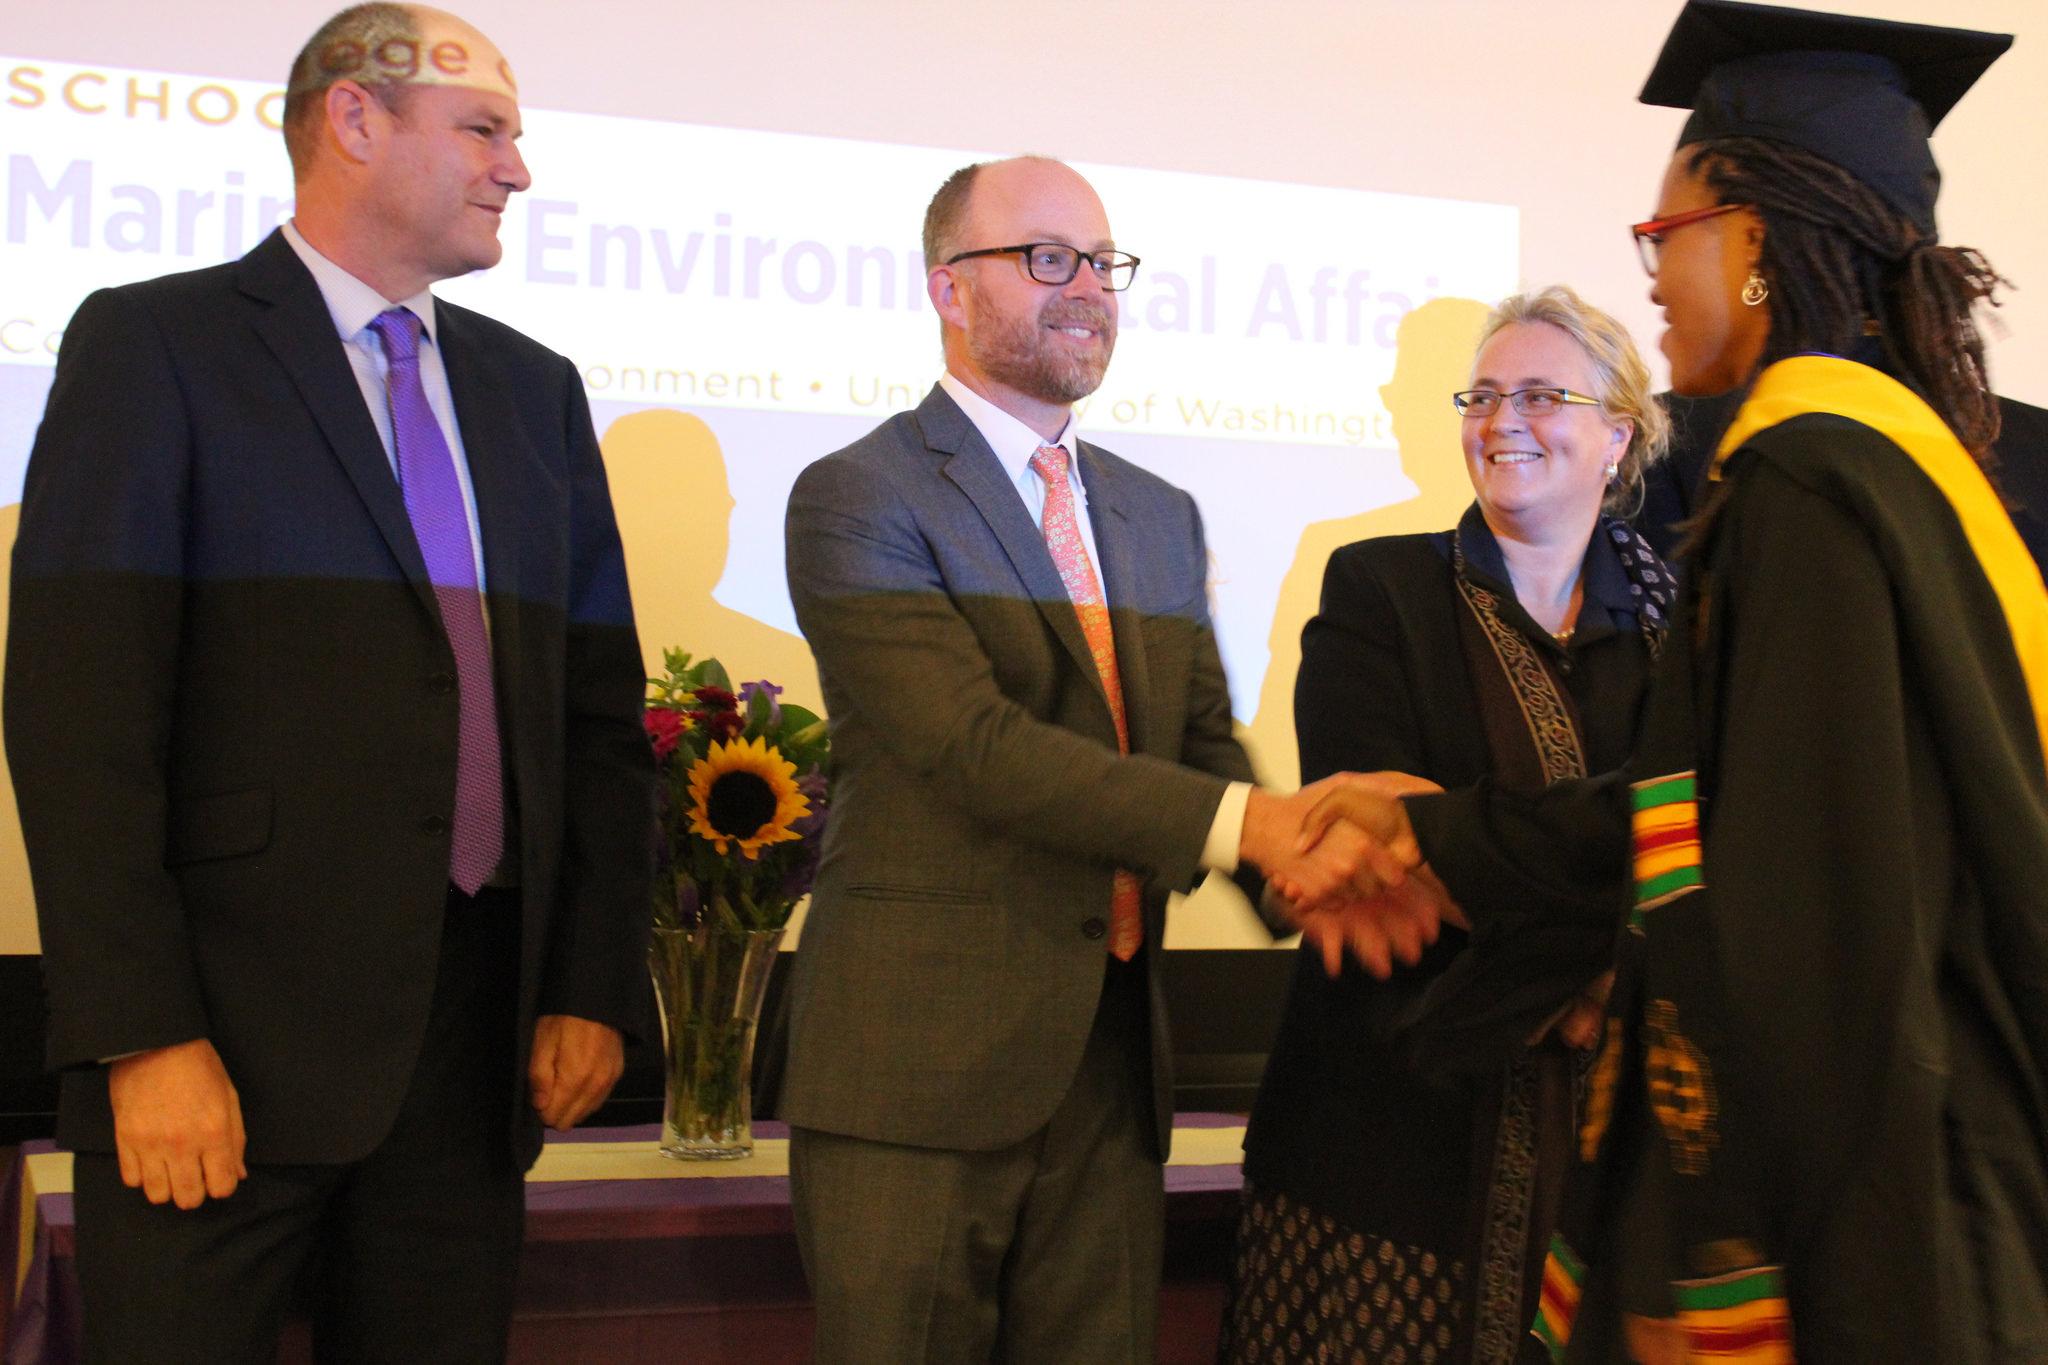 Jillian Lyles shakes Professor Kelly's hand as Professor Dolsak and Professor Allison look on.